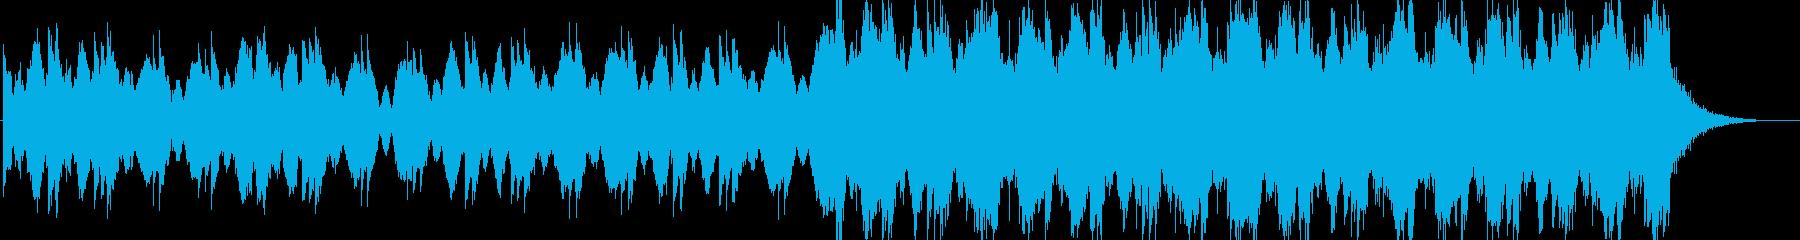 シネマティック01・壮大・ハリウッドの再生済みの波形